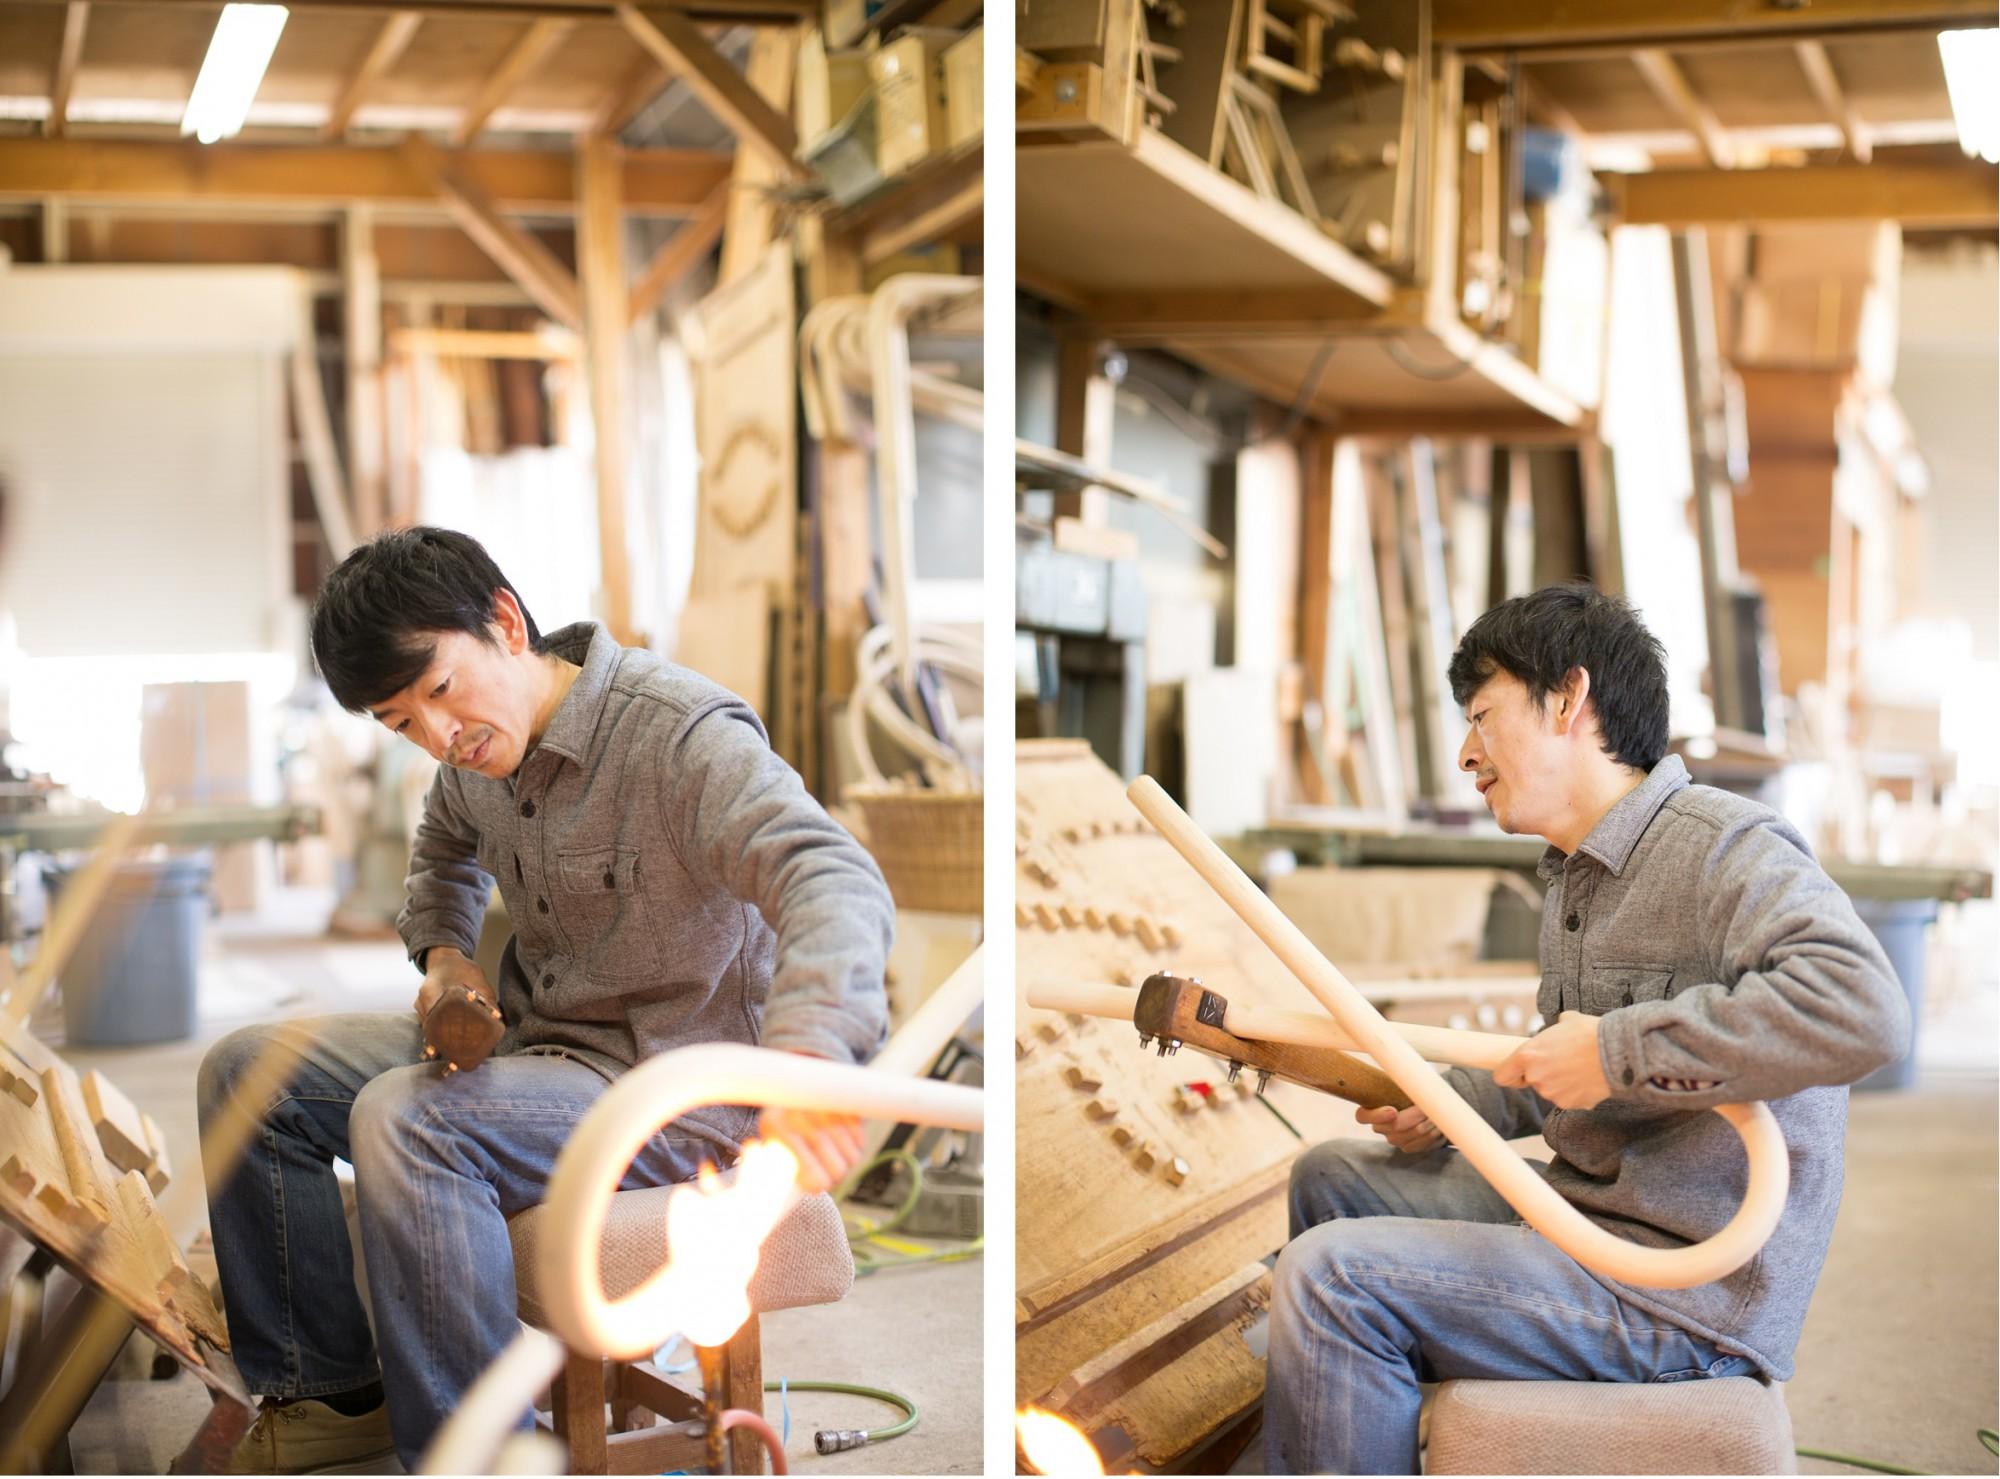 火であぶり、型に当て、ベッドのフレームを作る西脇弘幸さん。「柔かいもの、硬いもの、太さも様々。籐にもたくさんの種類がありますが、うちでは主に3、4種類を使い分けています」